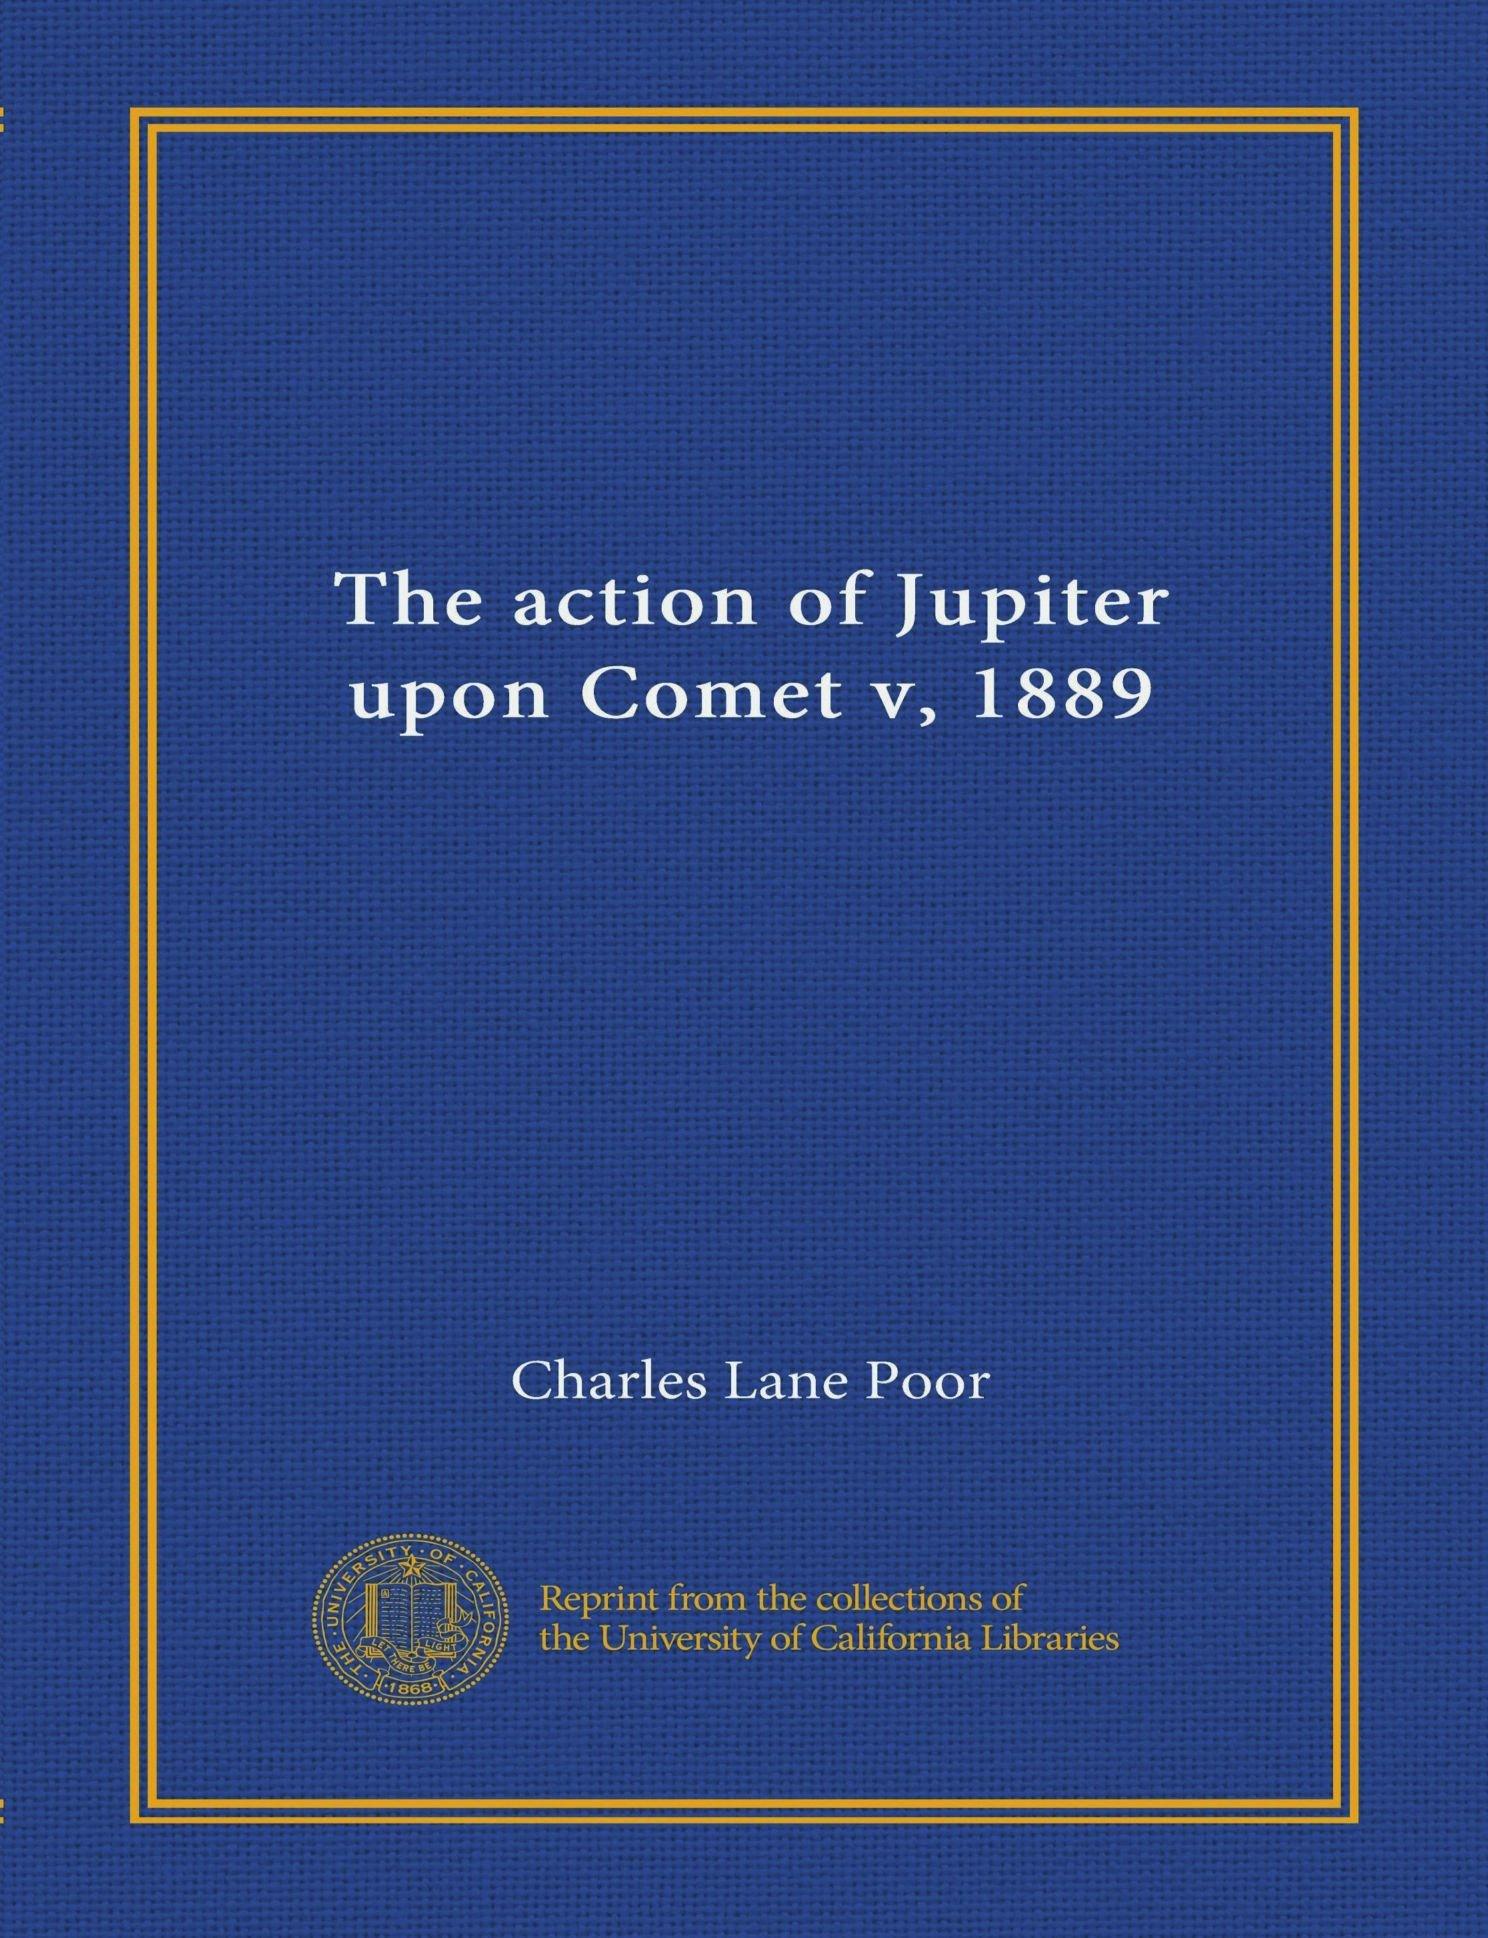 The action of Jupiter upon Comet v, 1889 PDF